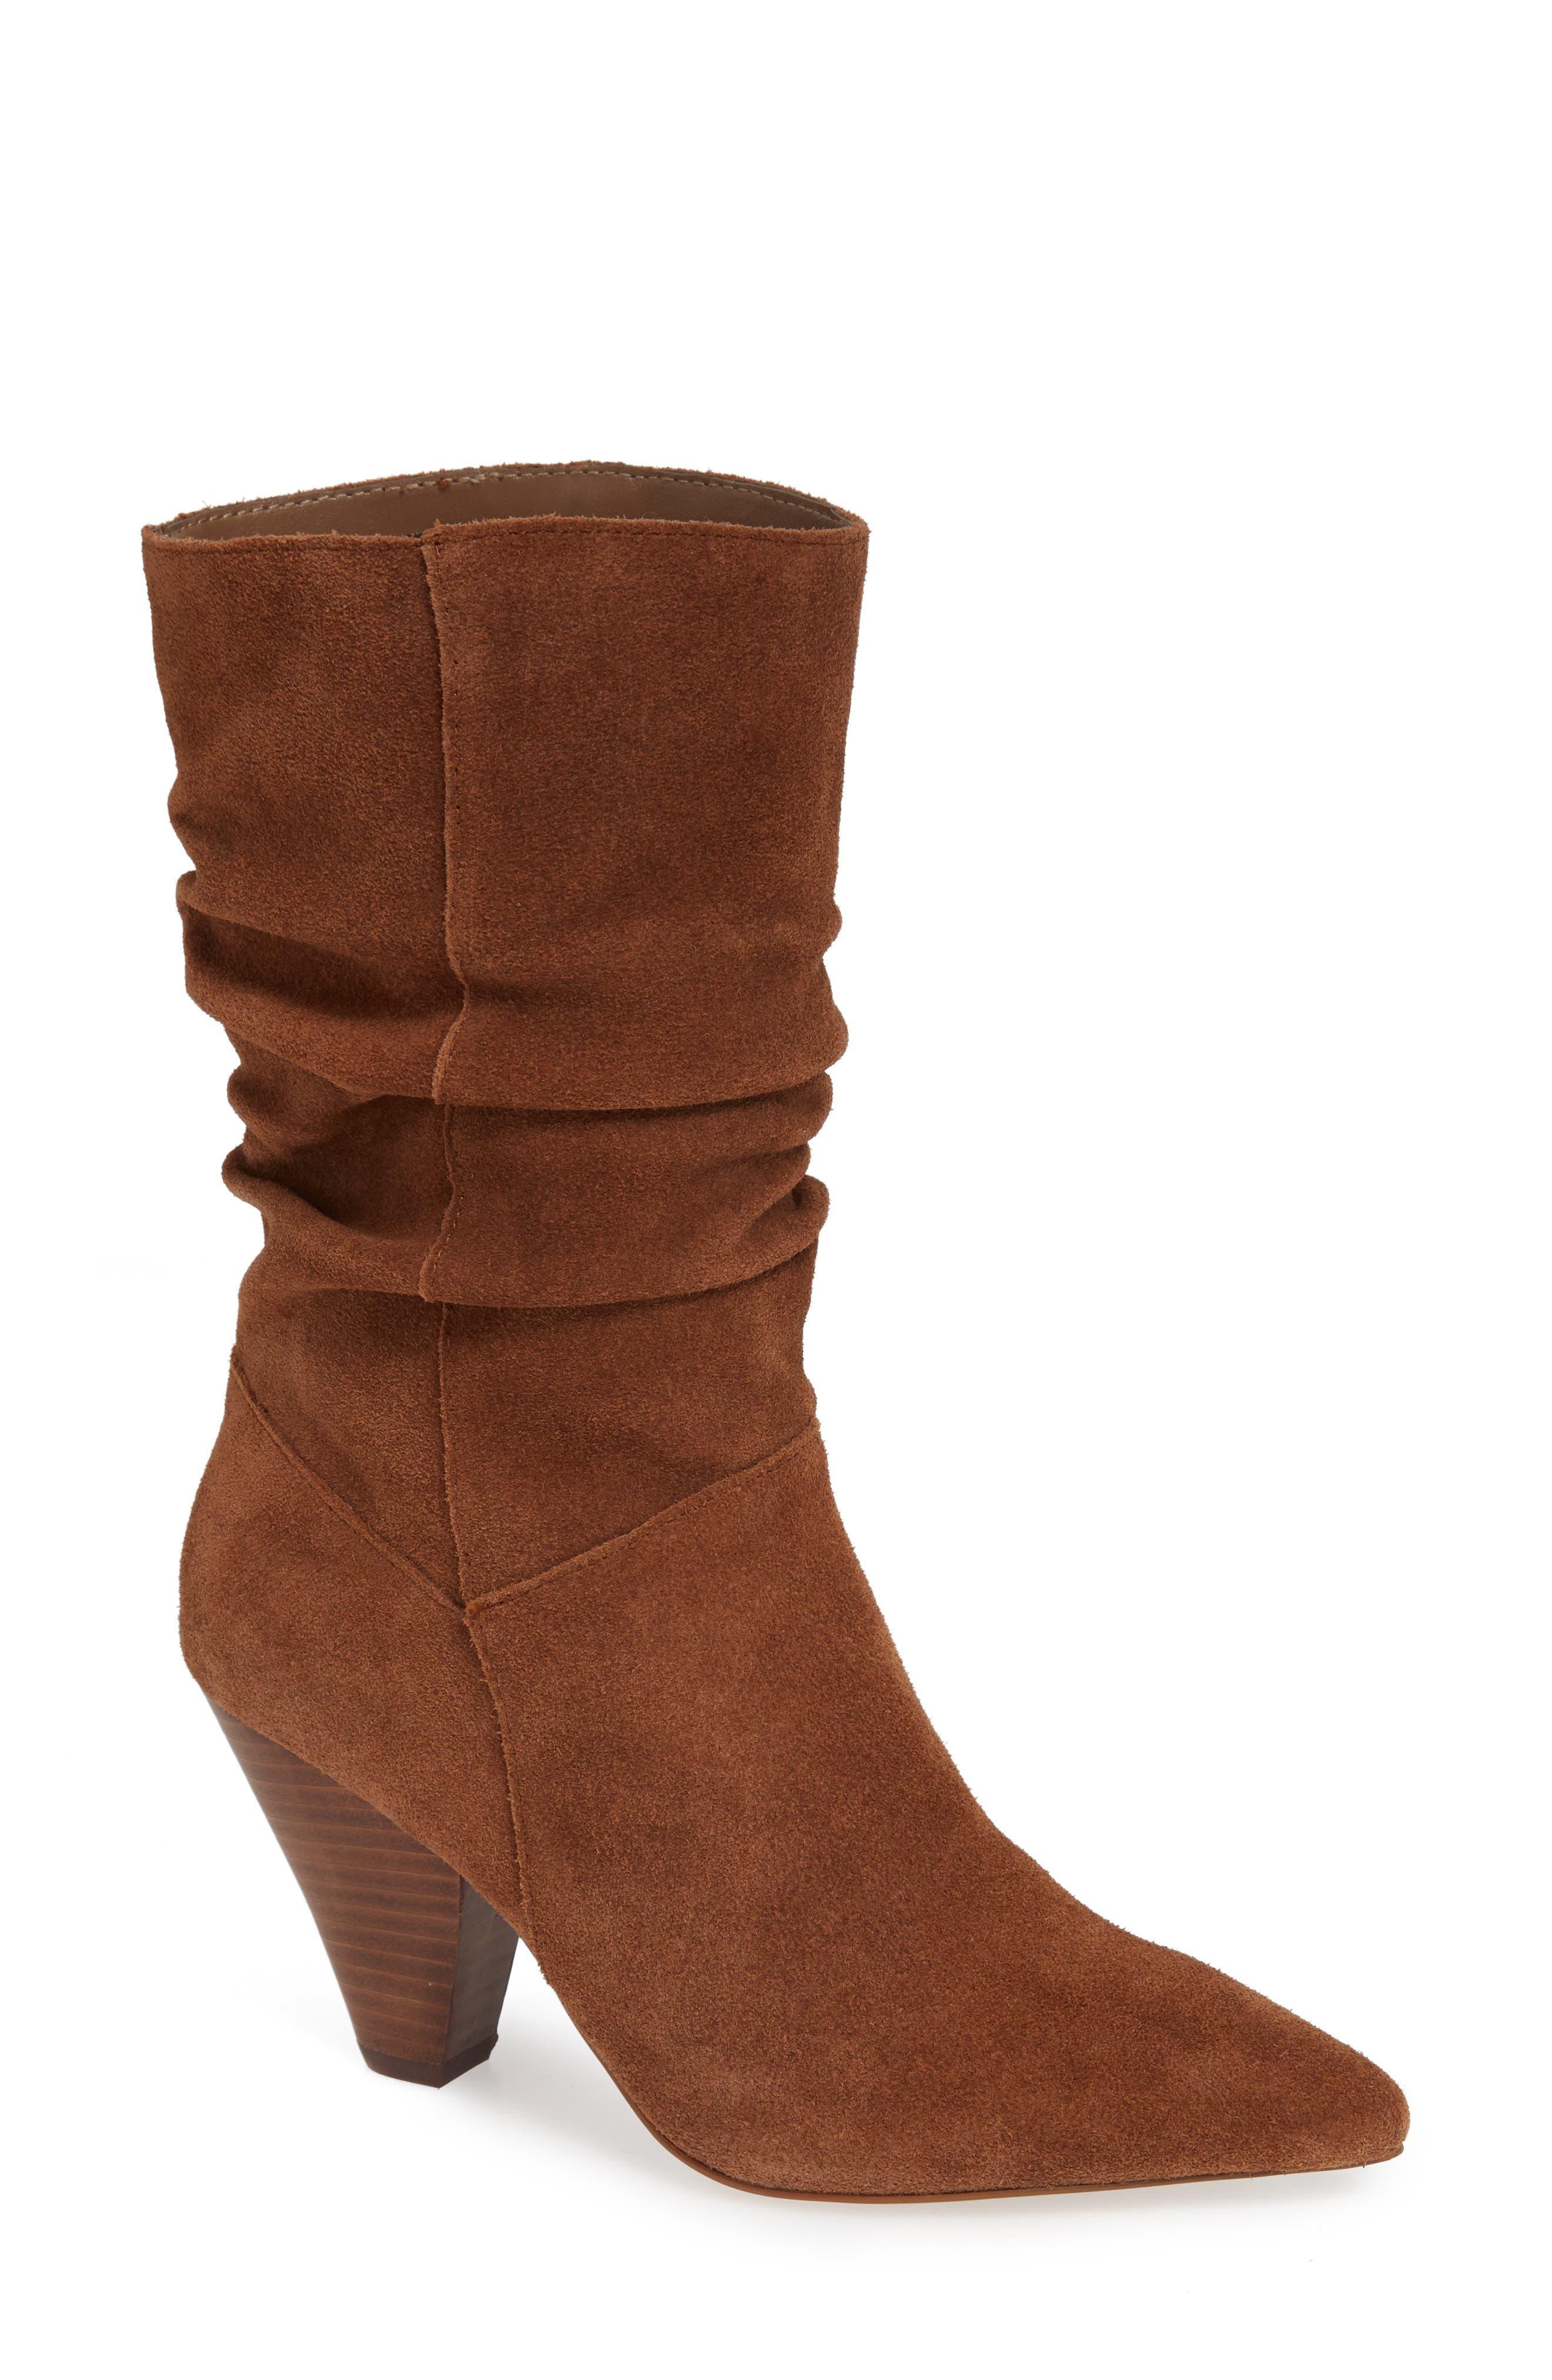 294404f2b76 kensie boots